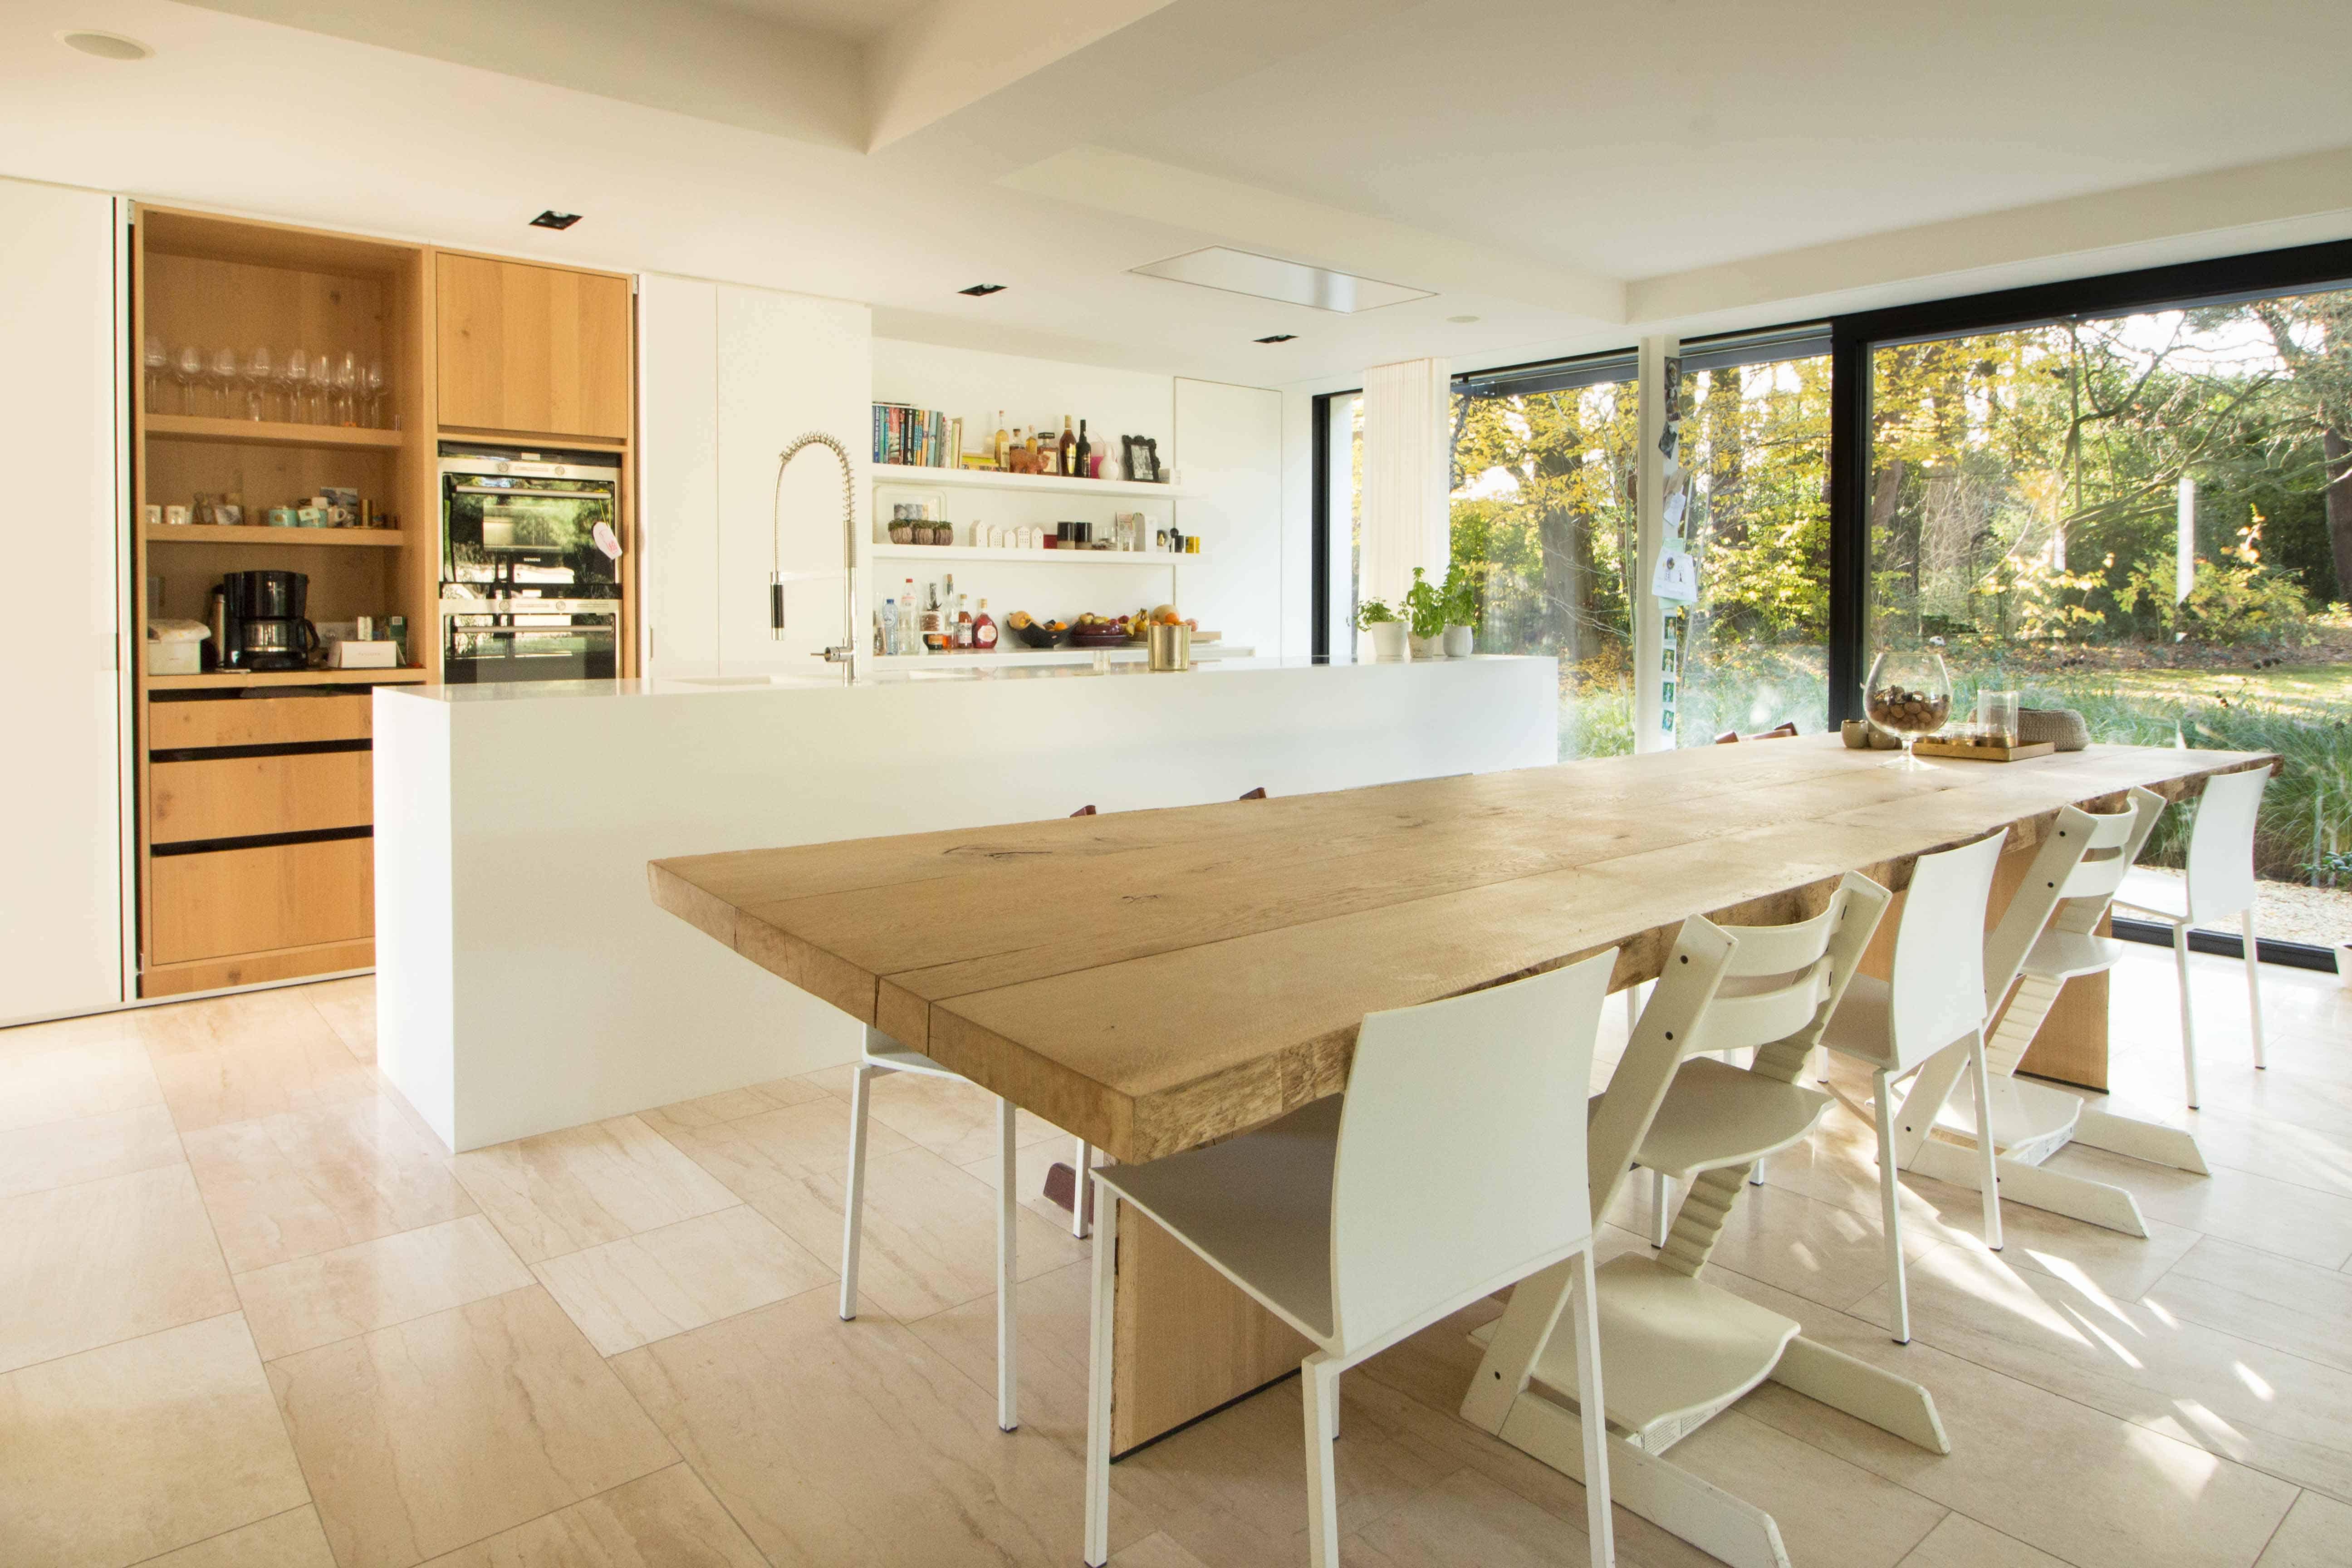 keuken in villa